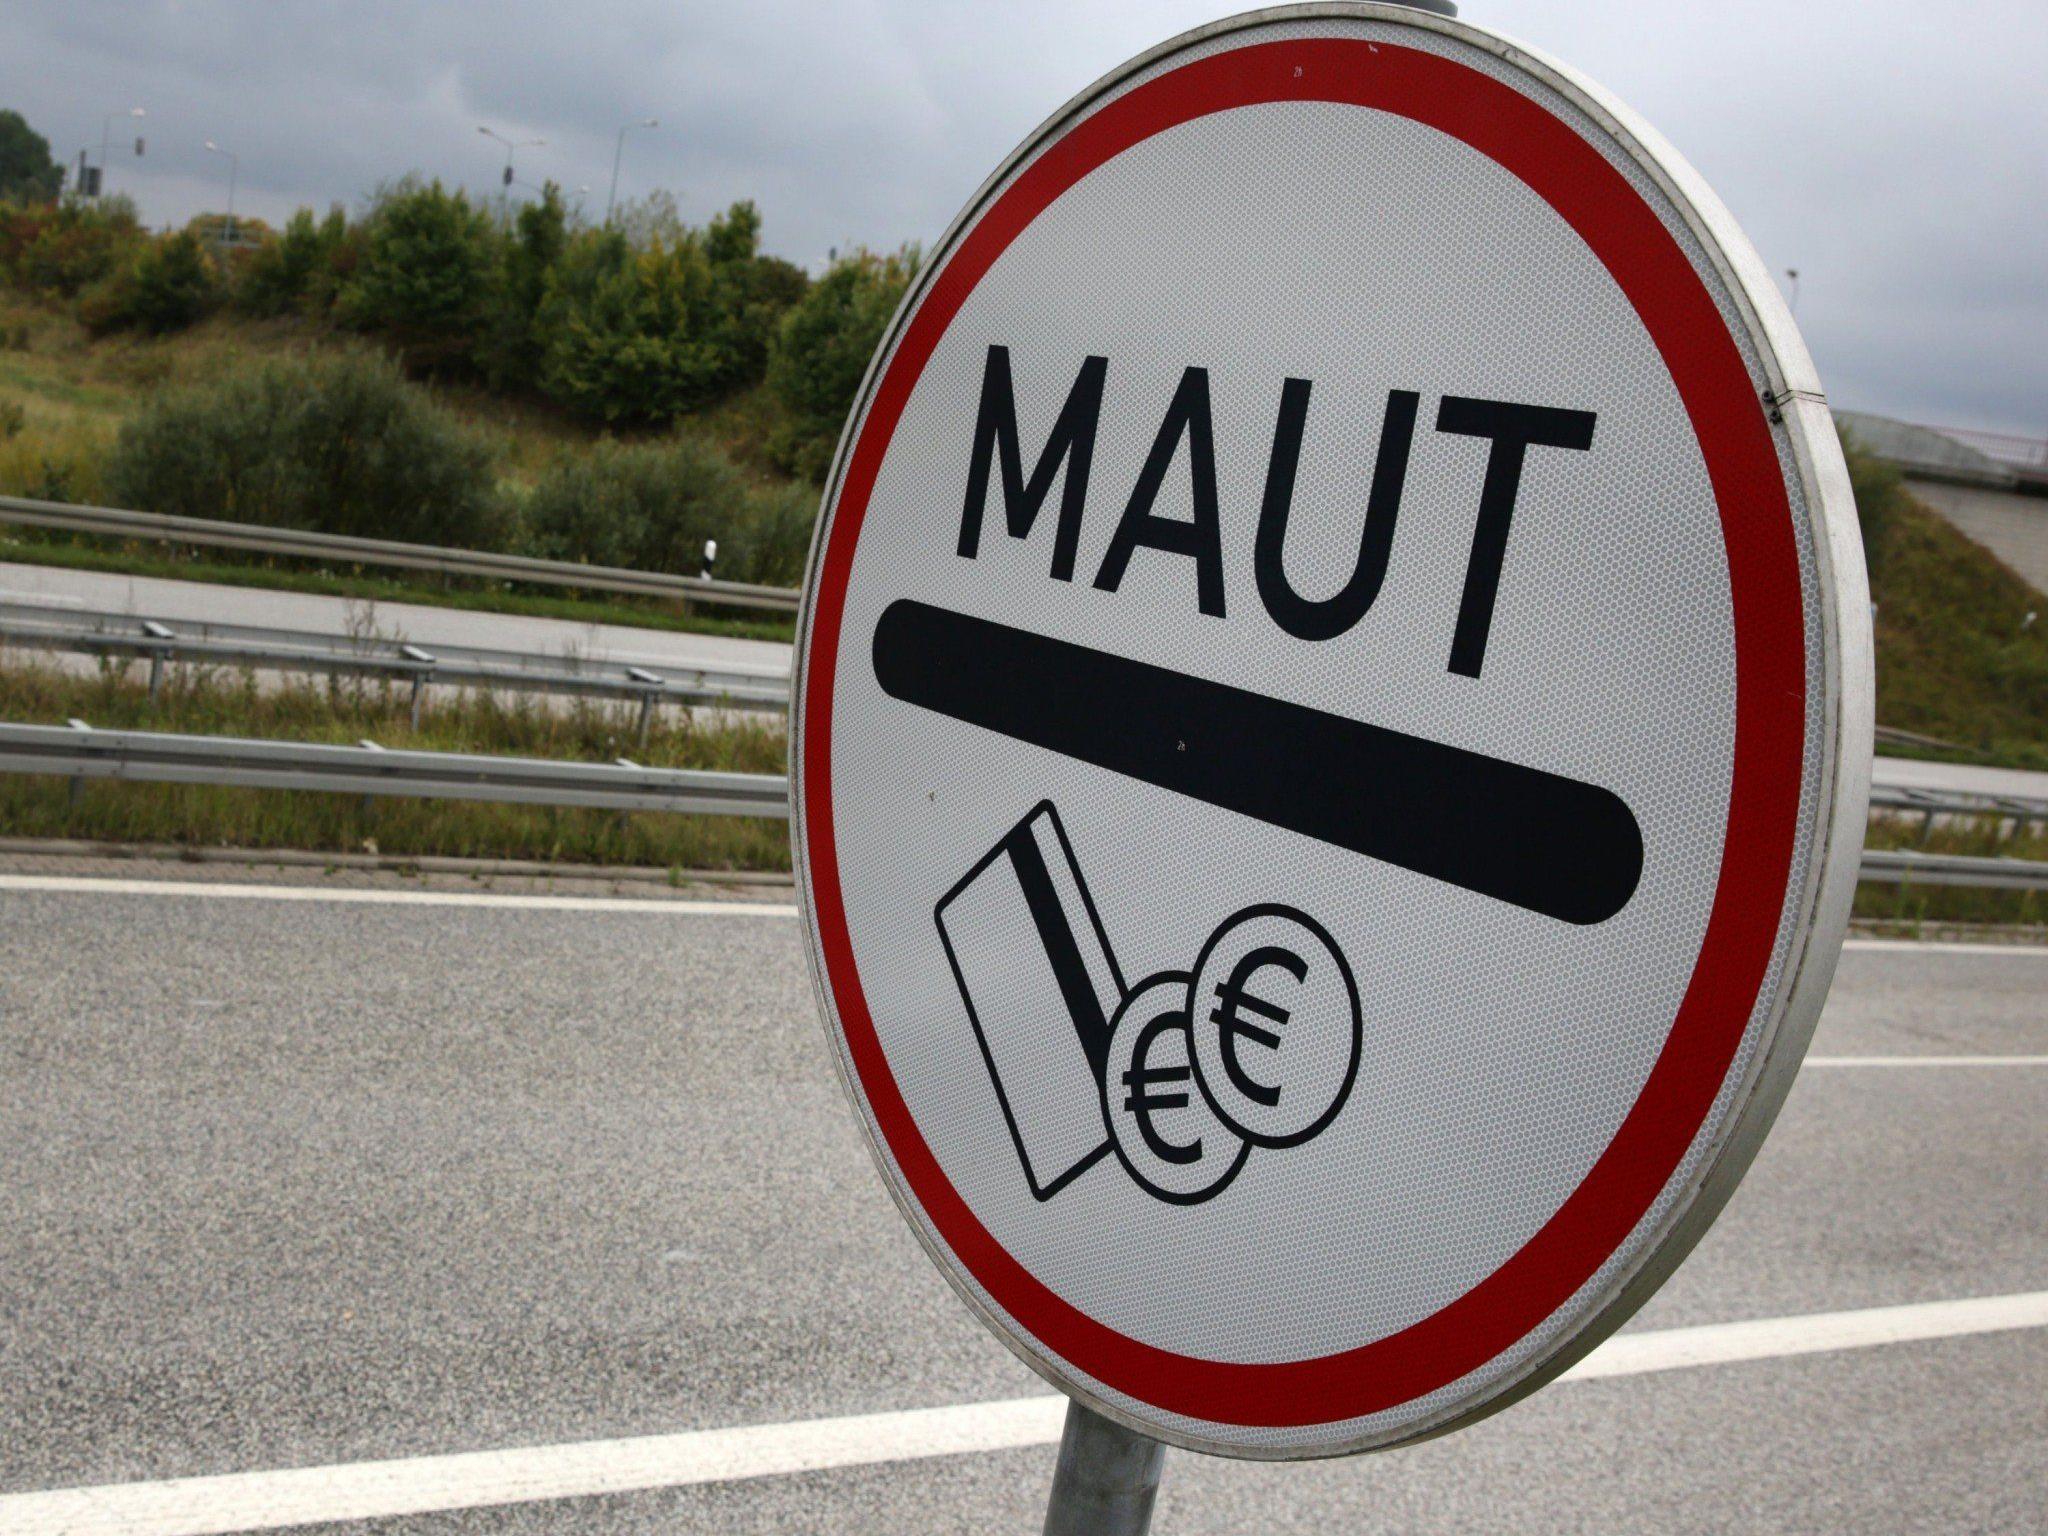 Deutsche Pkw-Maut als Infrastrukturabgabe für Ausländer